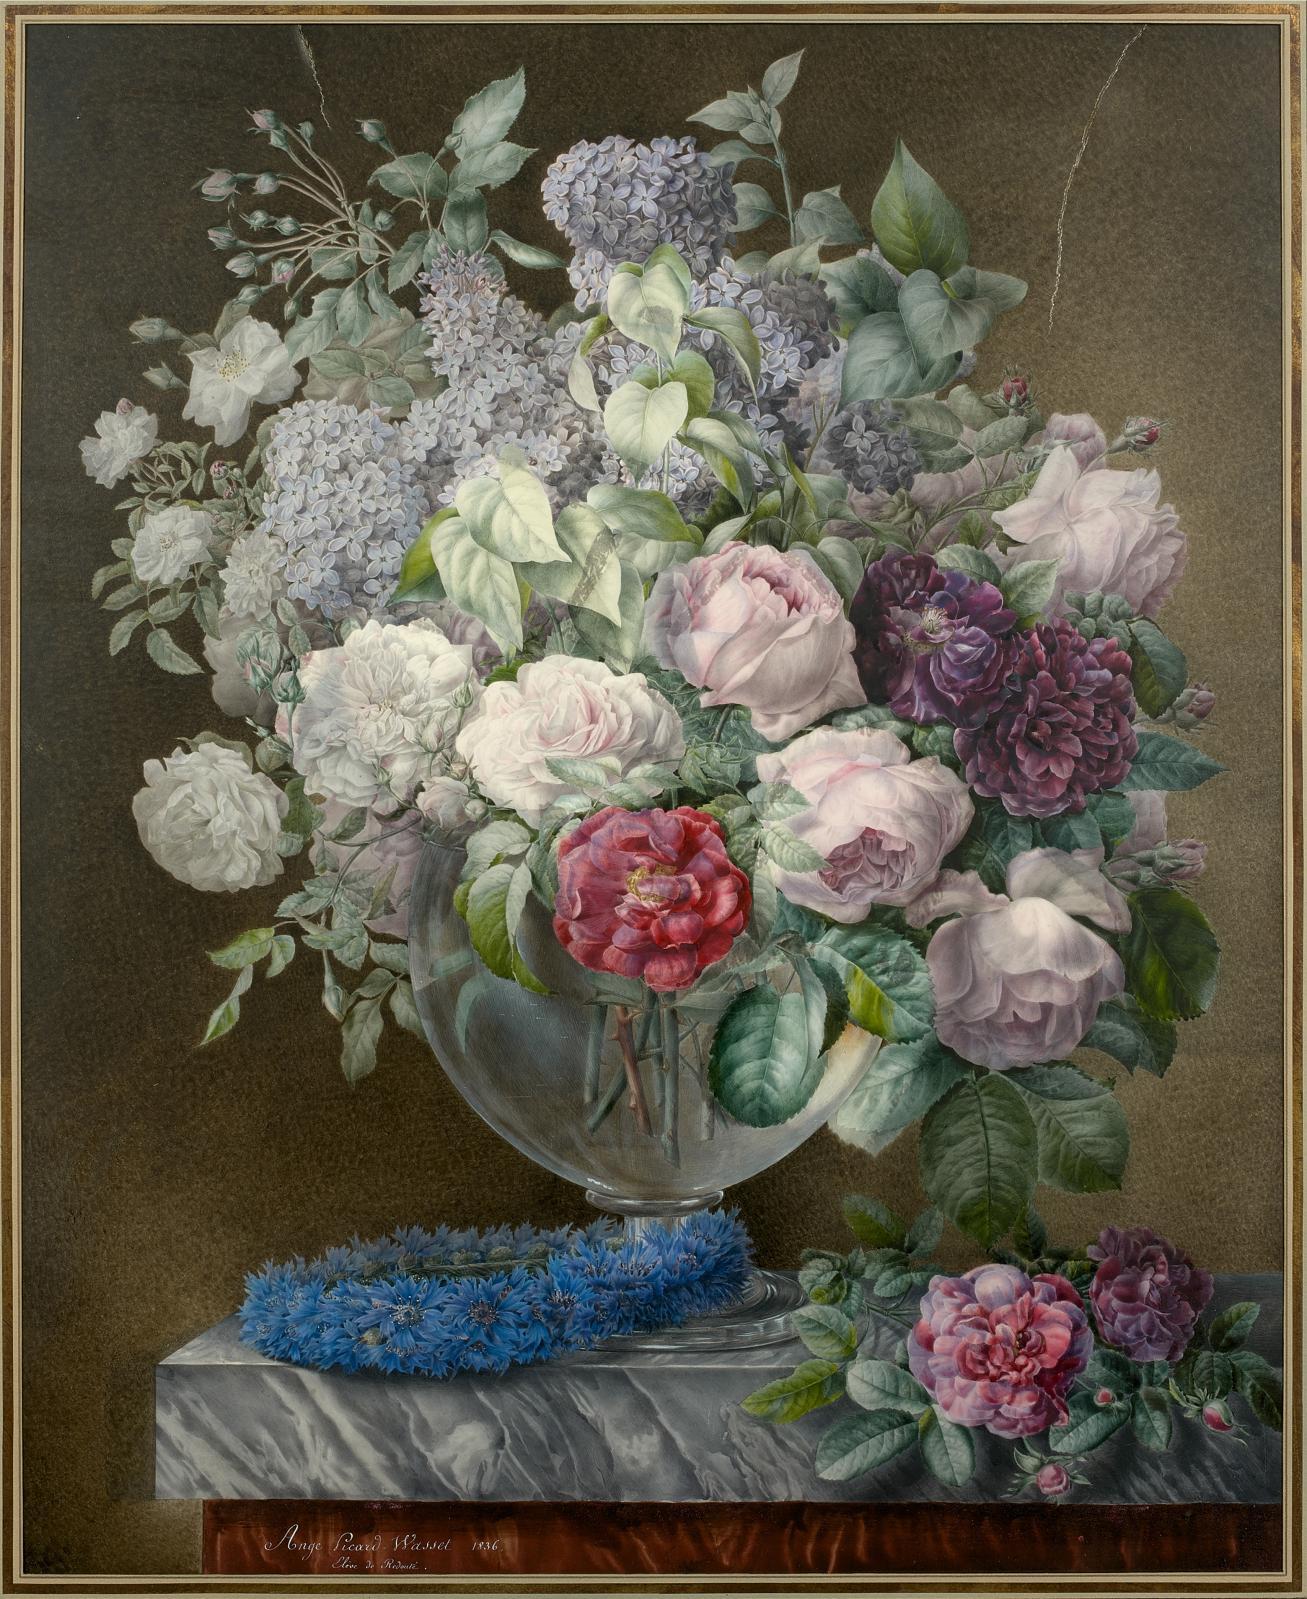 Julie-Ange Wasset (1802-1842), Vase de roses, lilas et couronne de bleuets sur un entablement, 1836, aquarelle, 75x61cm. Paris, Drouot, 14 octobre